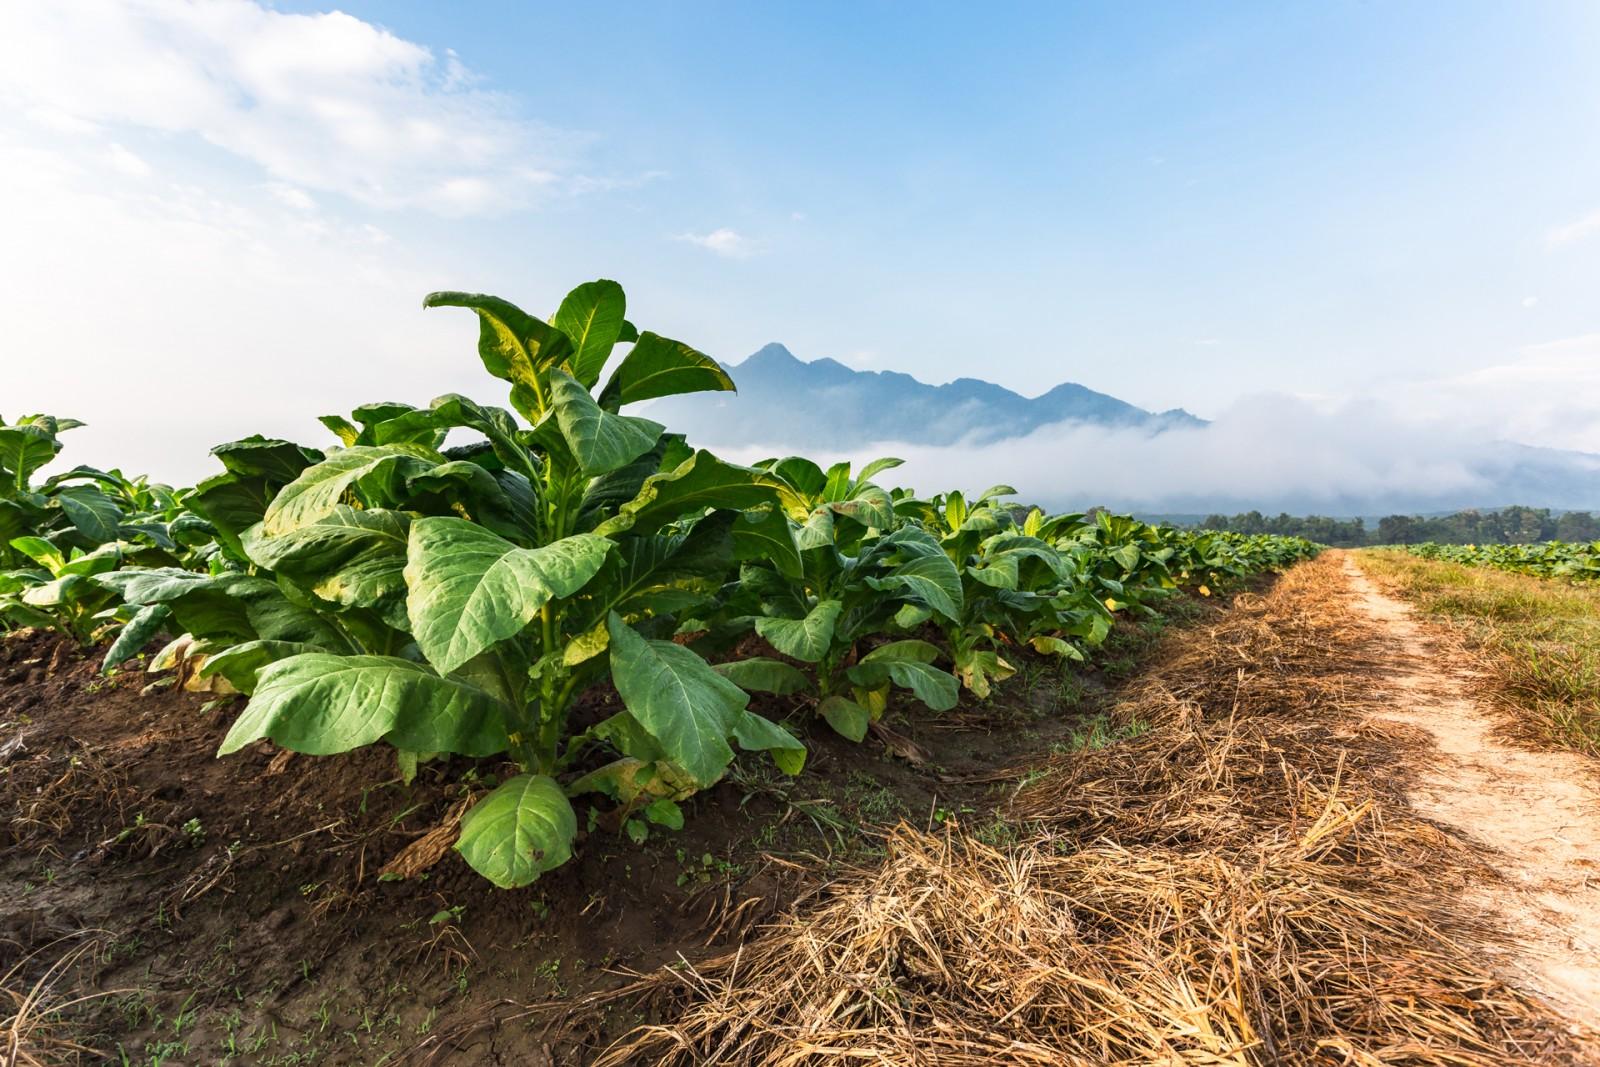 Турция започва тест на ваксина срещу Кодид  със извлеци от тютюневи растения Nicotiana benthamiana